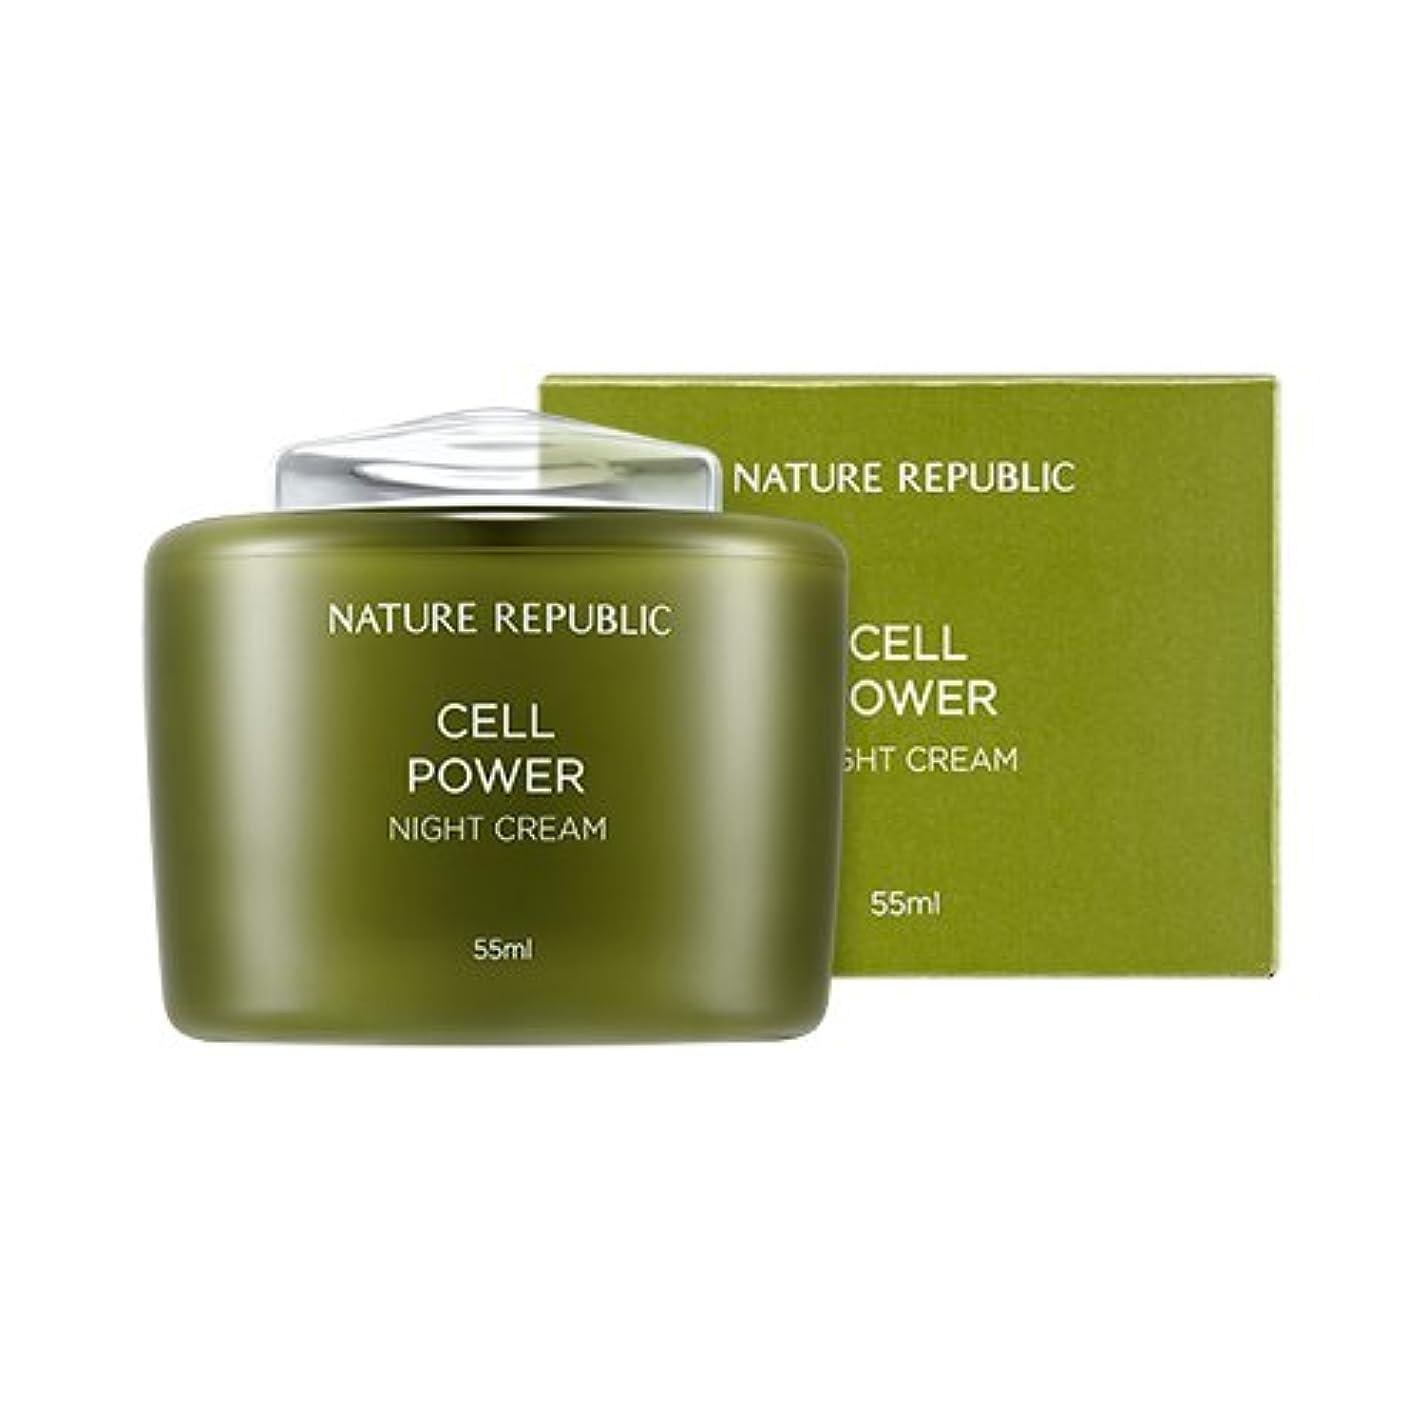 ワックス破滅ペアNature Republic Cell Power Night Cream ネイチャーリパブリックセルパワーナイトクリーム [並行輸入品]